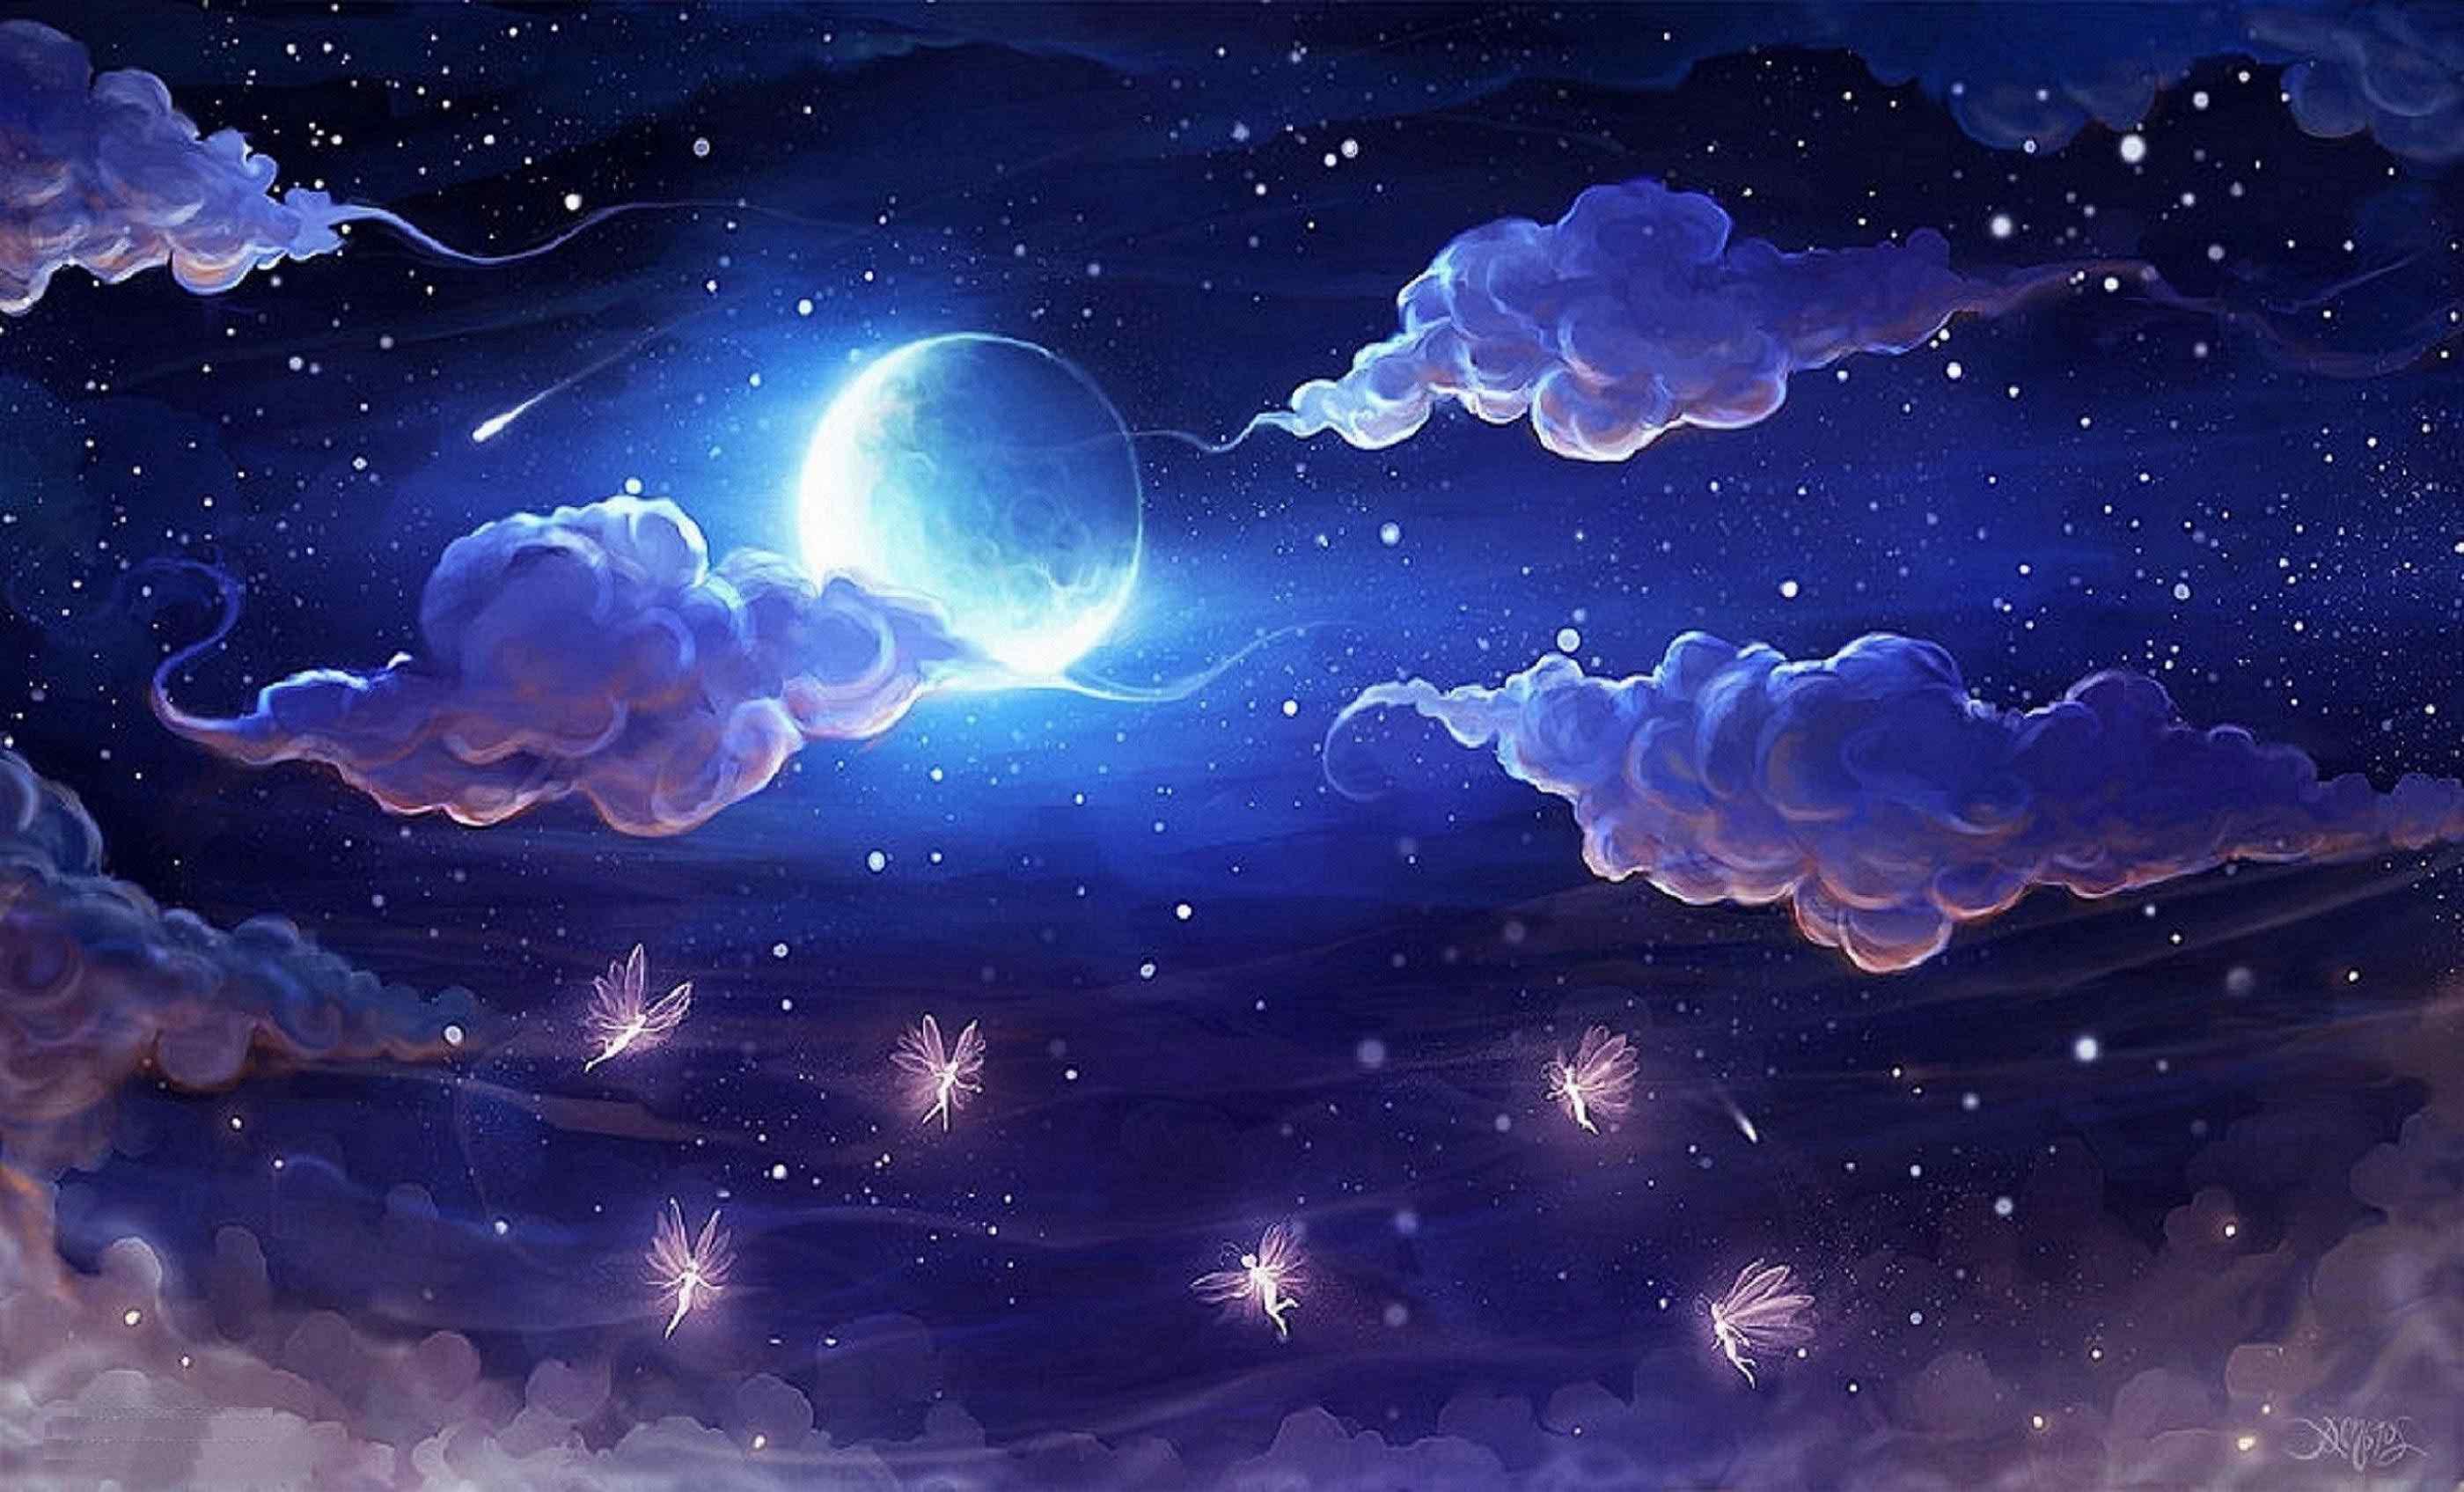 夜空の壁紙月 夜空の壁紙 2800x1695 Wallpapertip